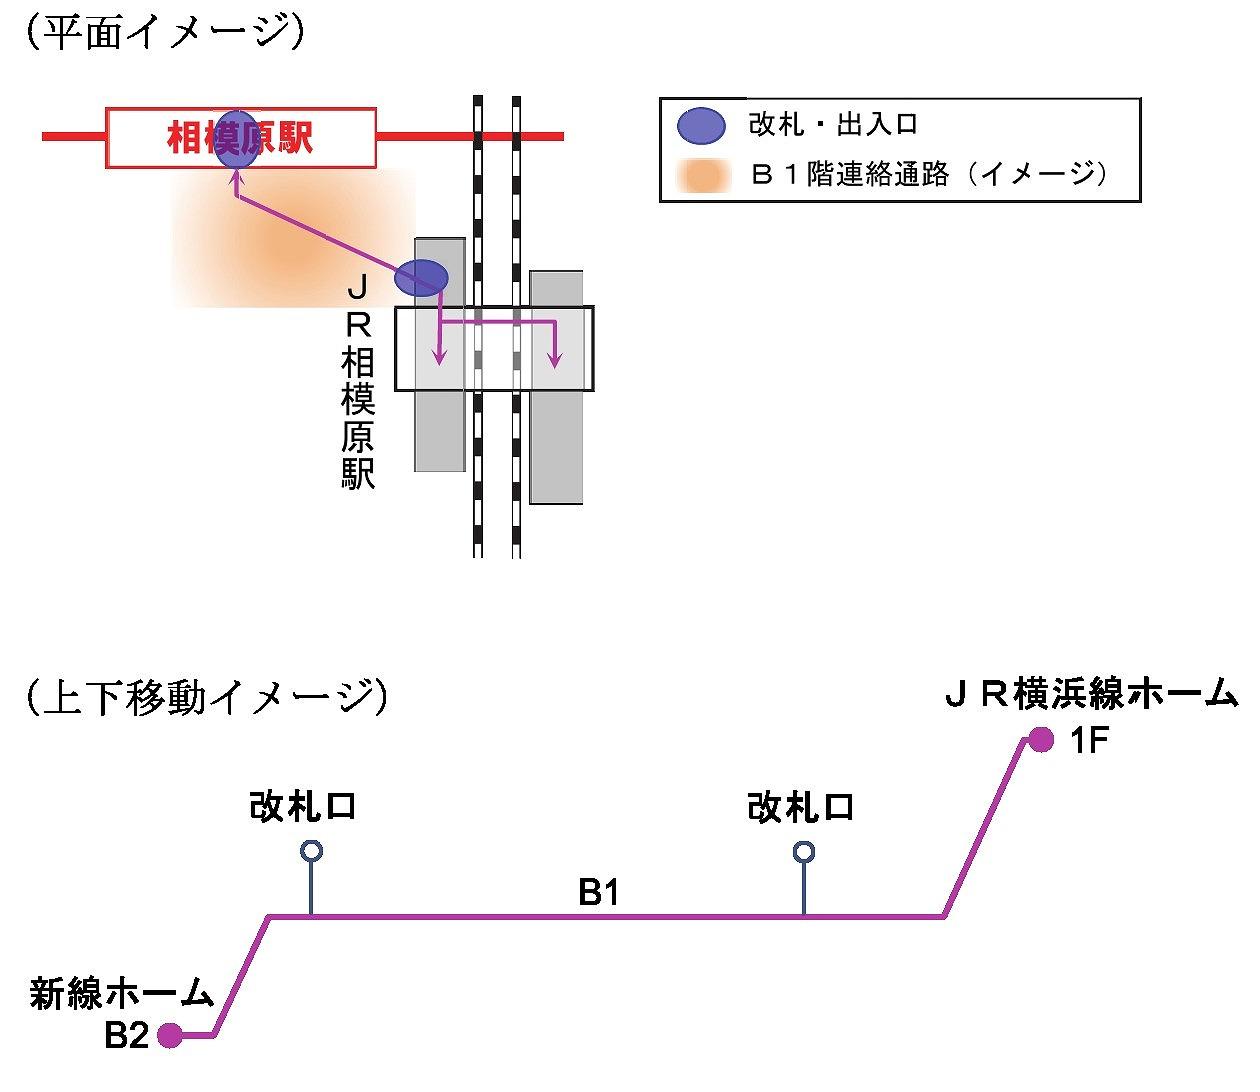 小田急相模原駅概略図